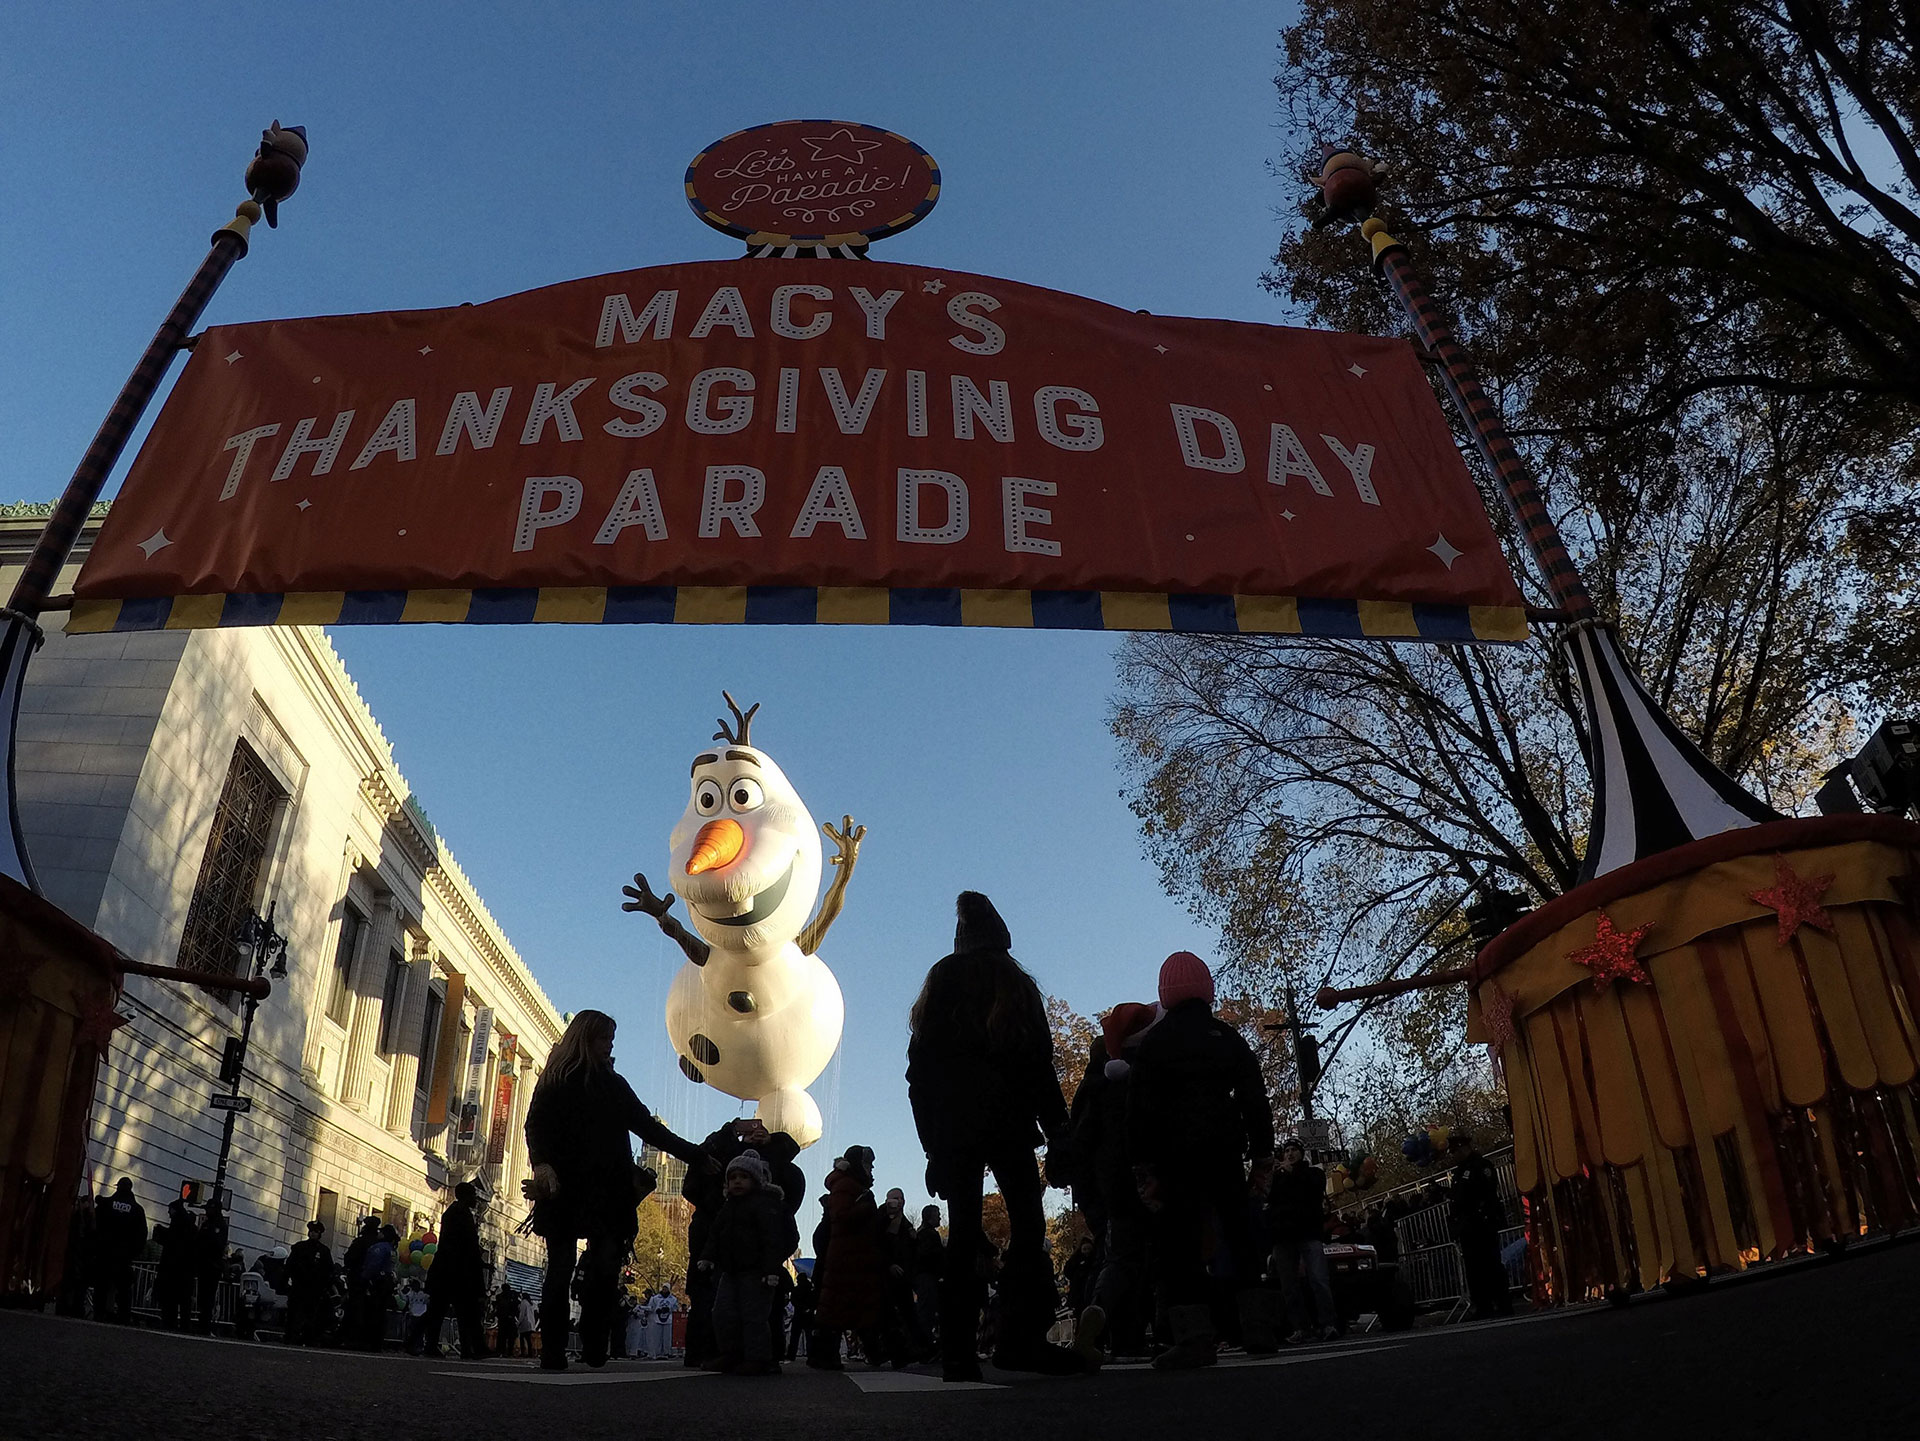 La gente llega a ver el desfile del 91º Día de Acción de Gracias de Macy's en el distrito de Manhattan de la ciudad de Nueva York, Nueva York, Estados Unidos, el 23 de noviembre de 2017 (Reuters)